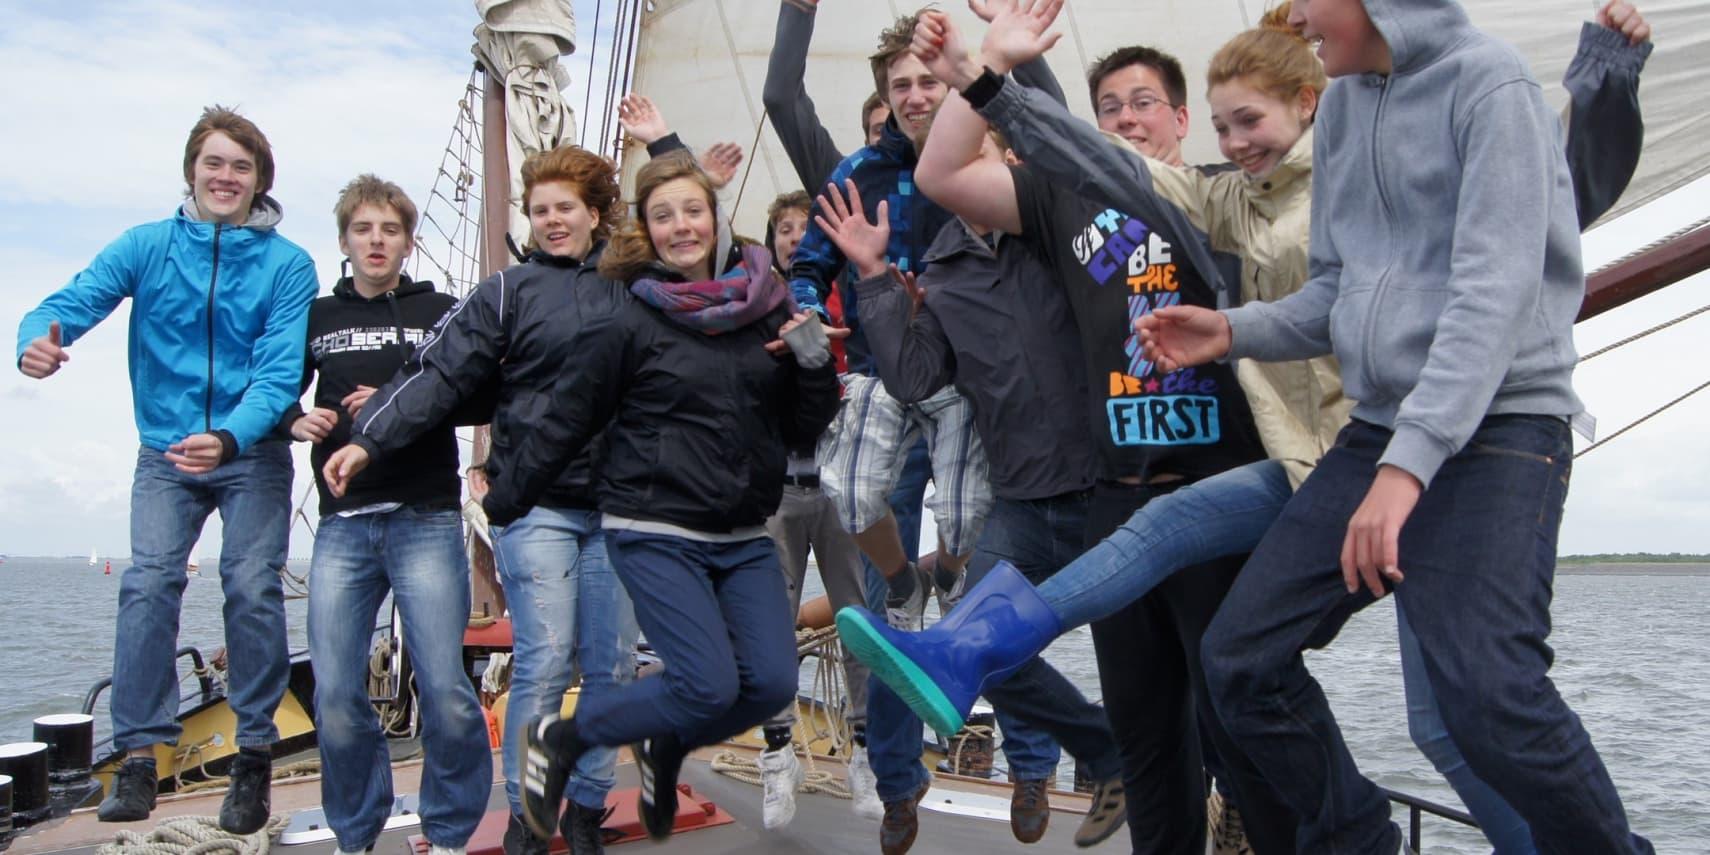 jongeren op vakantie met zeilboot